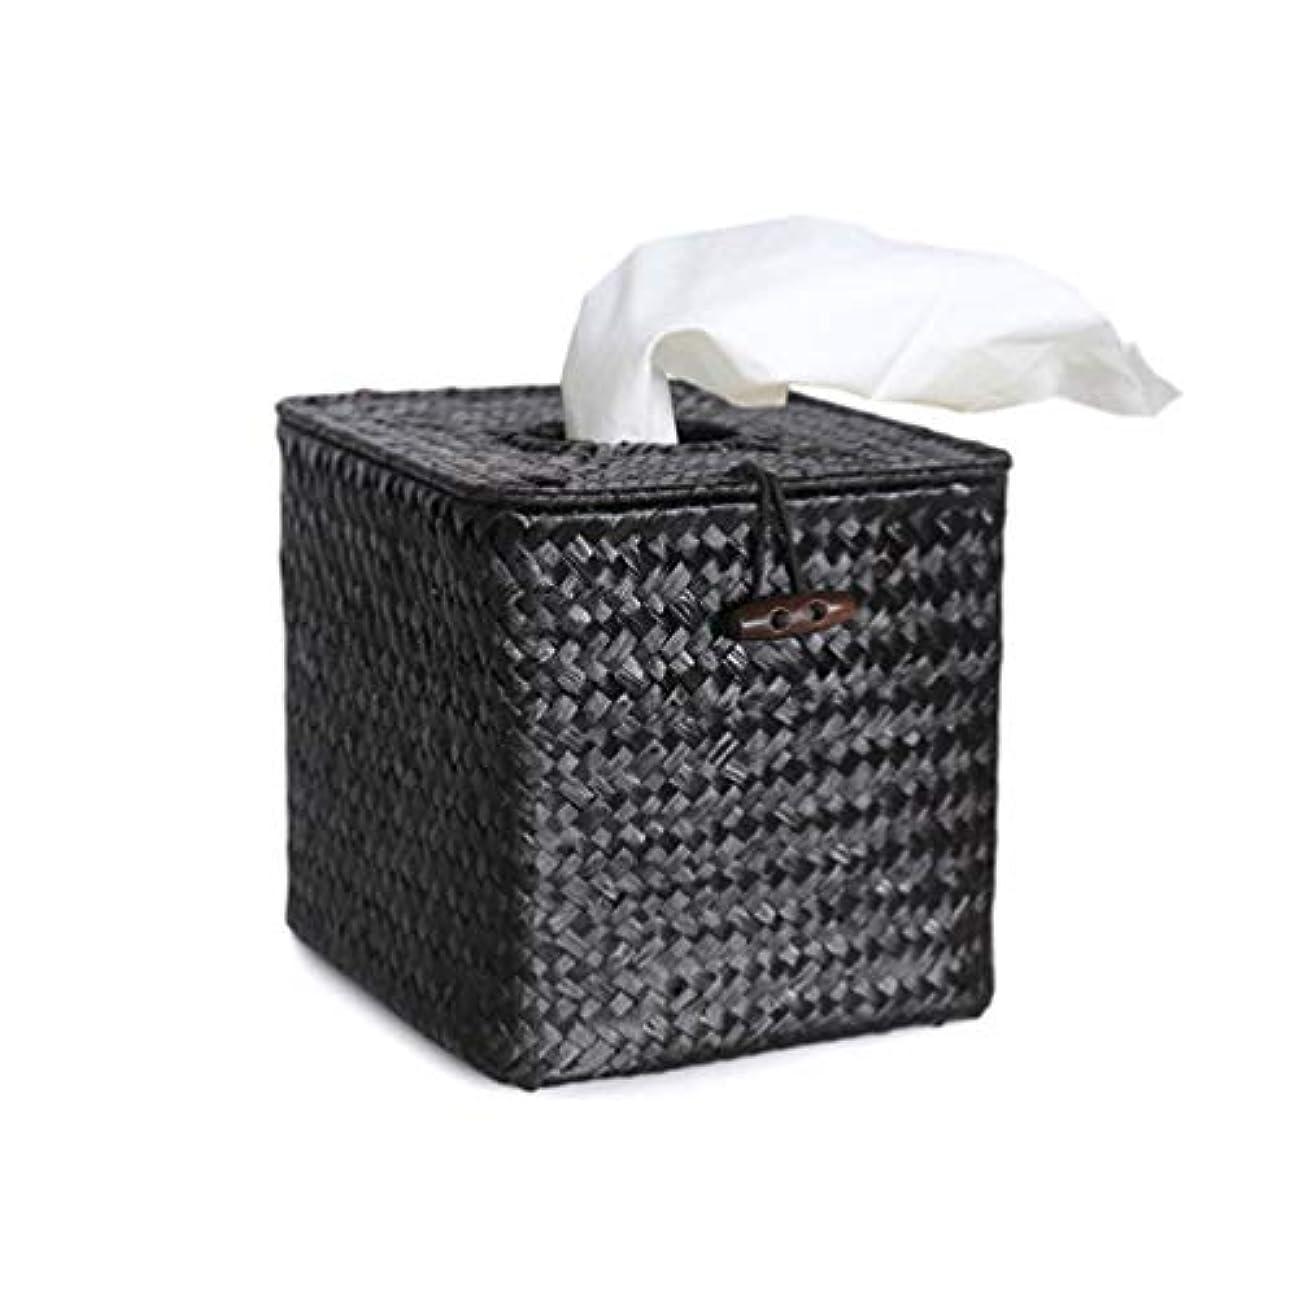 眠りビジョン計算可能Vosarea バスルームデスクホテル用ペーパーシーグラス手織りナプキンティッシュボックスカバーホルダー(ブラック+最小販売5pcs)